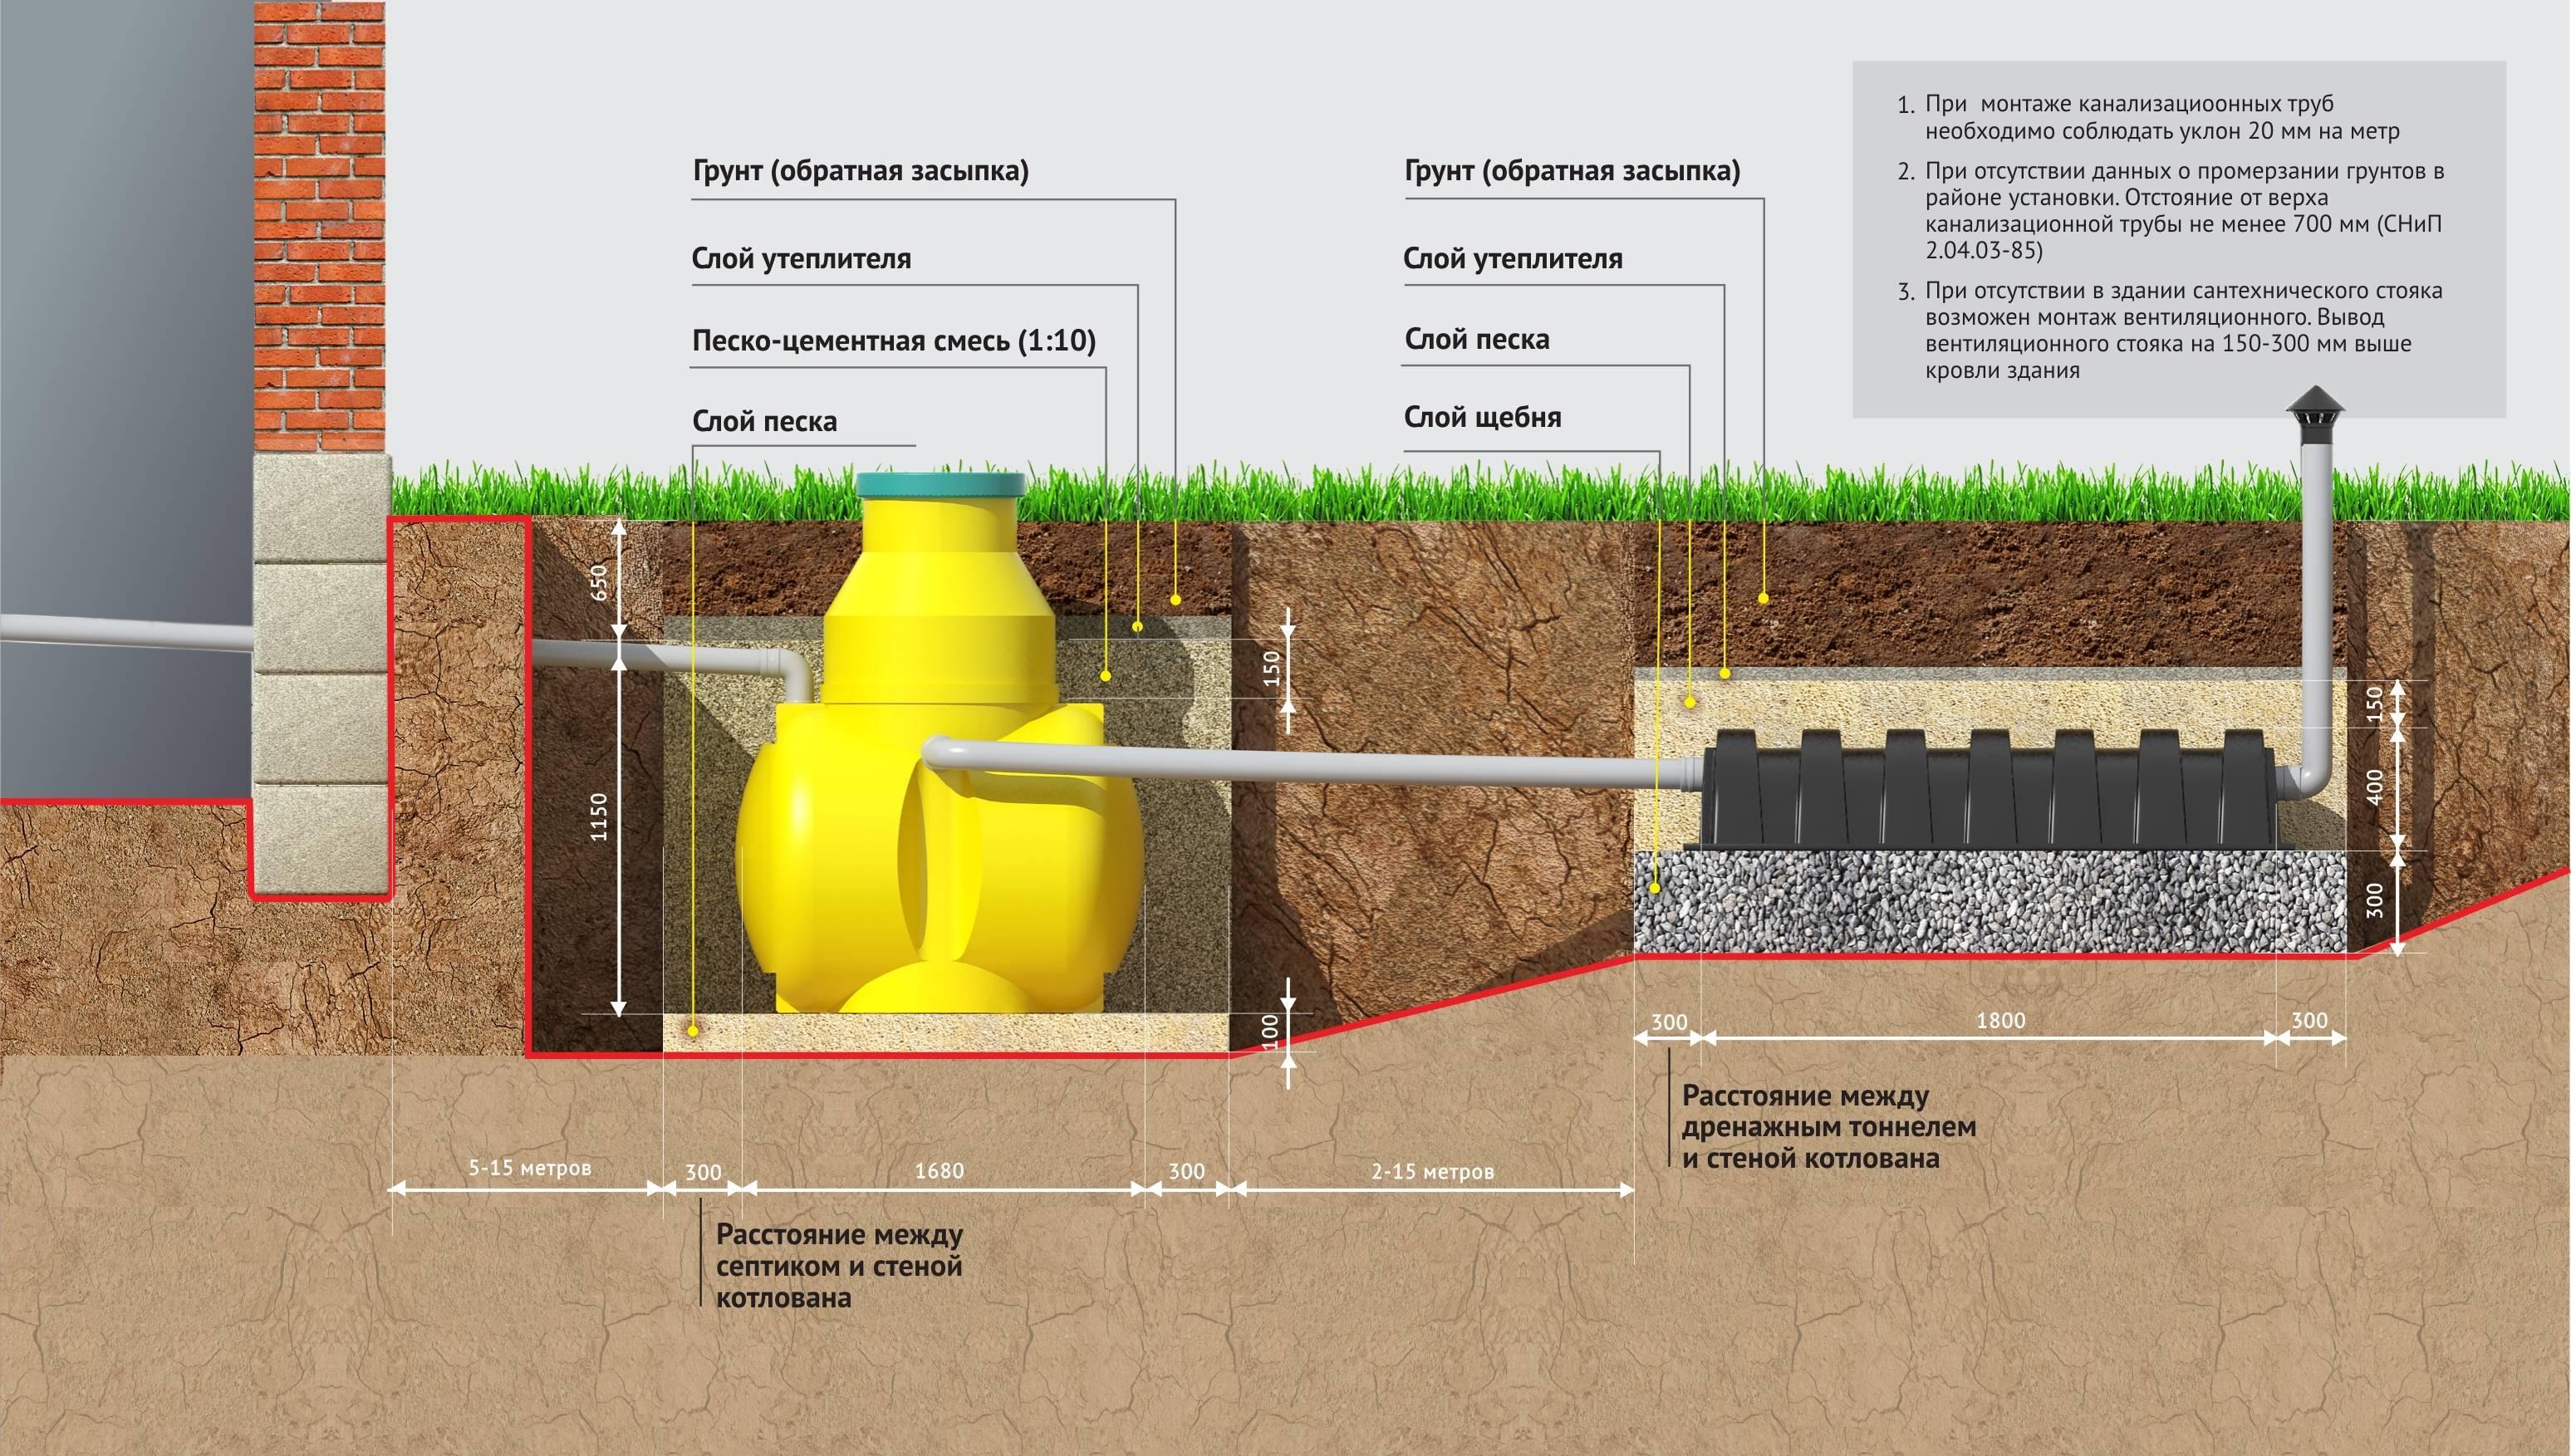 Труба канализационная наружная: трубопровод 110 мм для улицы